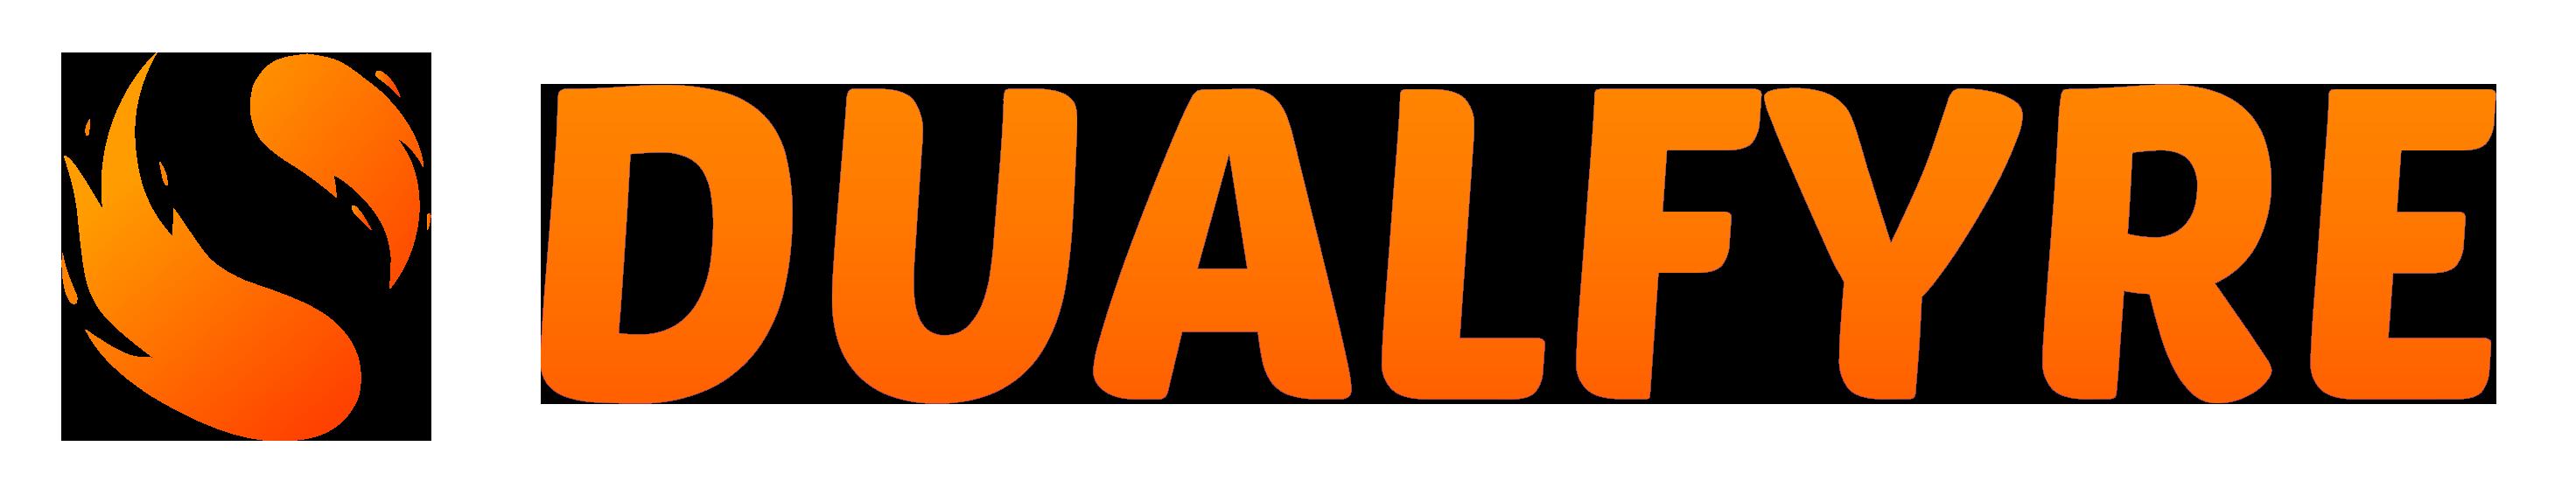 dualfyre-logo